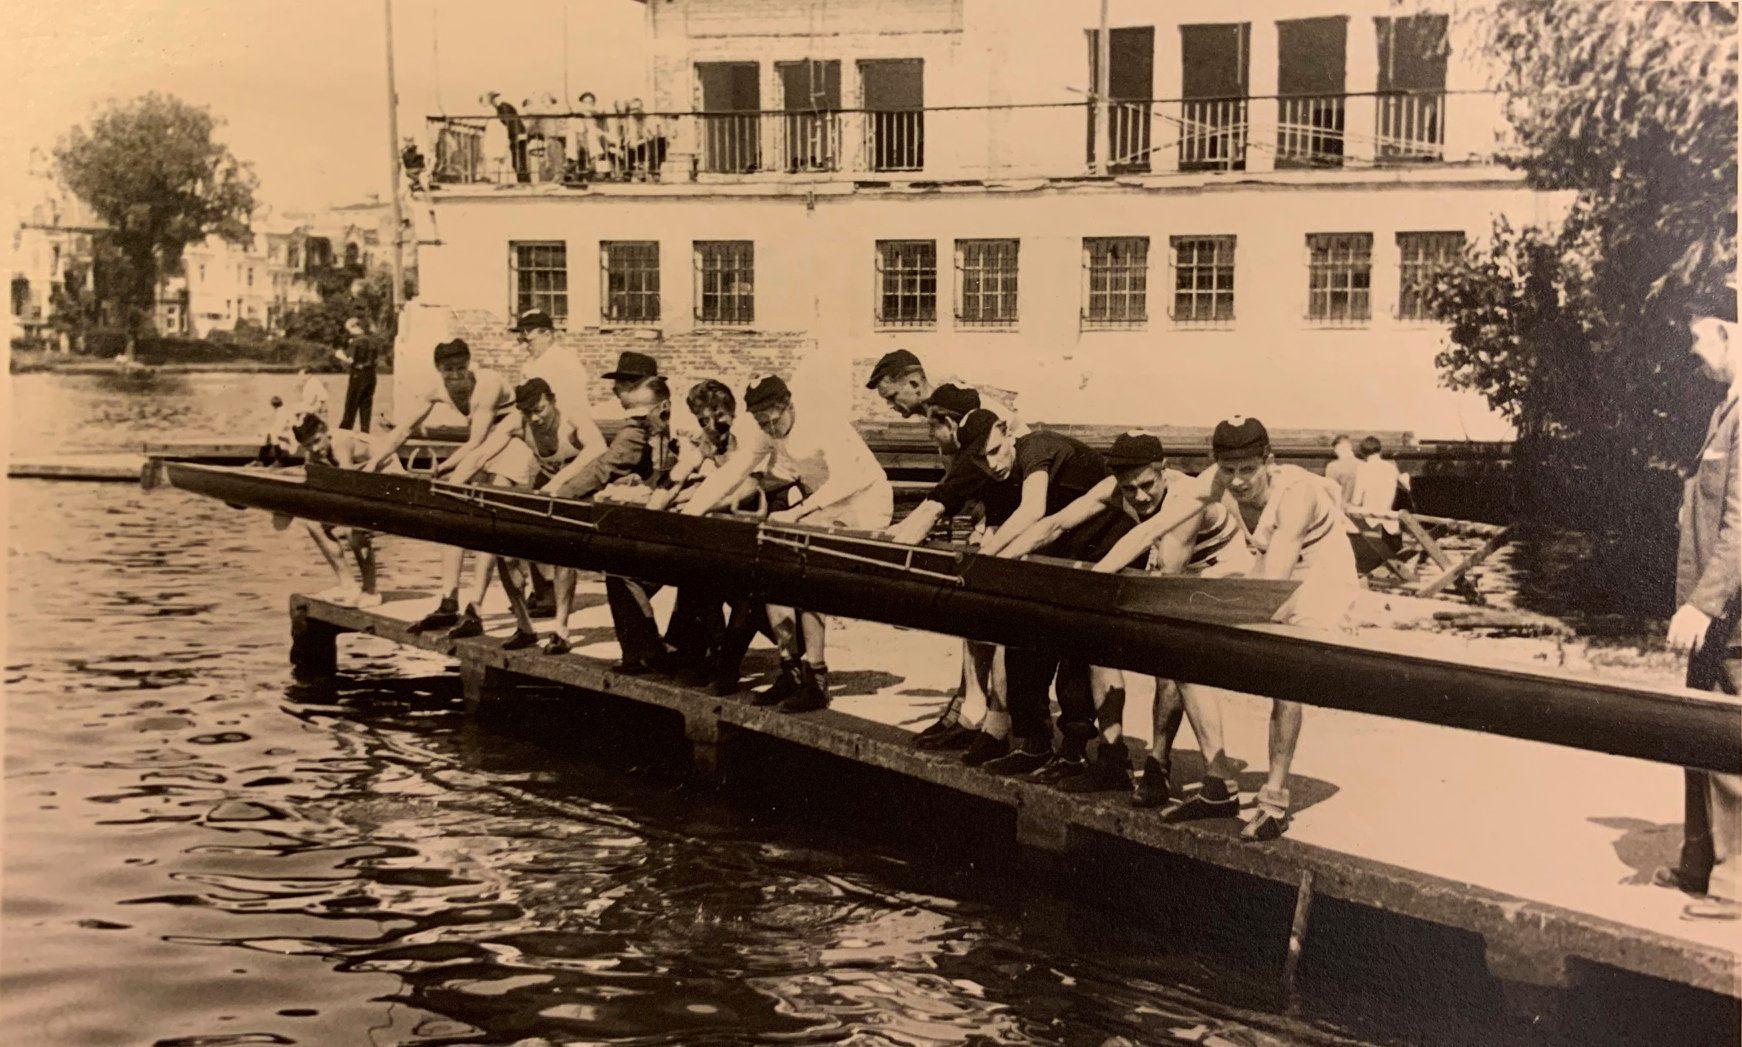 Hamburger Schüler-Ruderverband, Das Bootshaus nahm der Krieg, die Lust am Rudern nahm er nicht